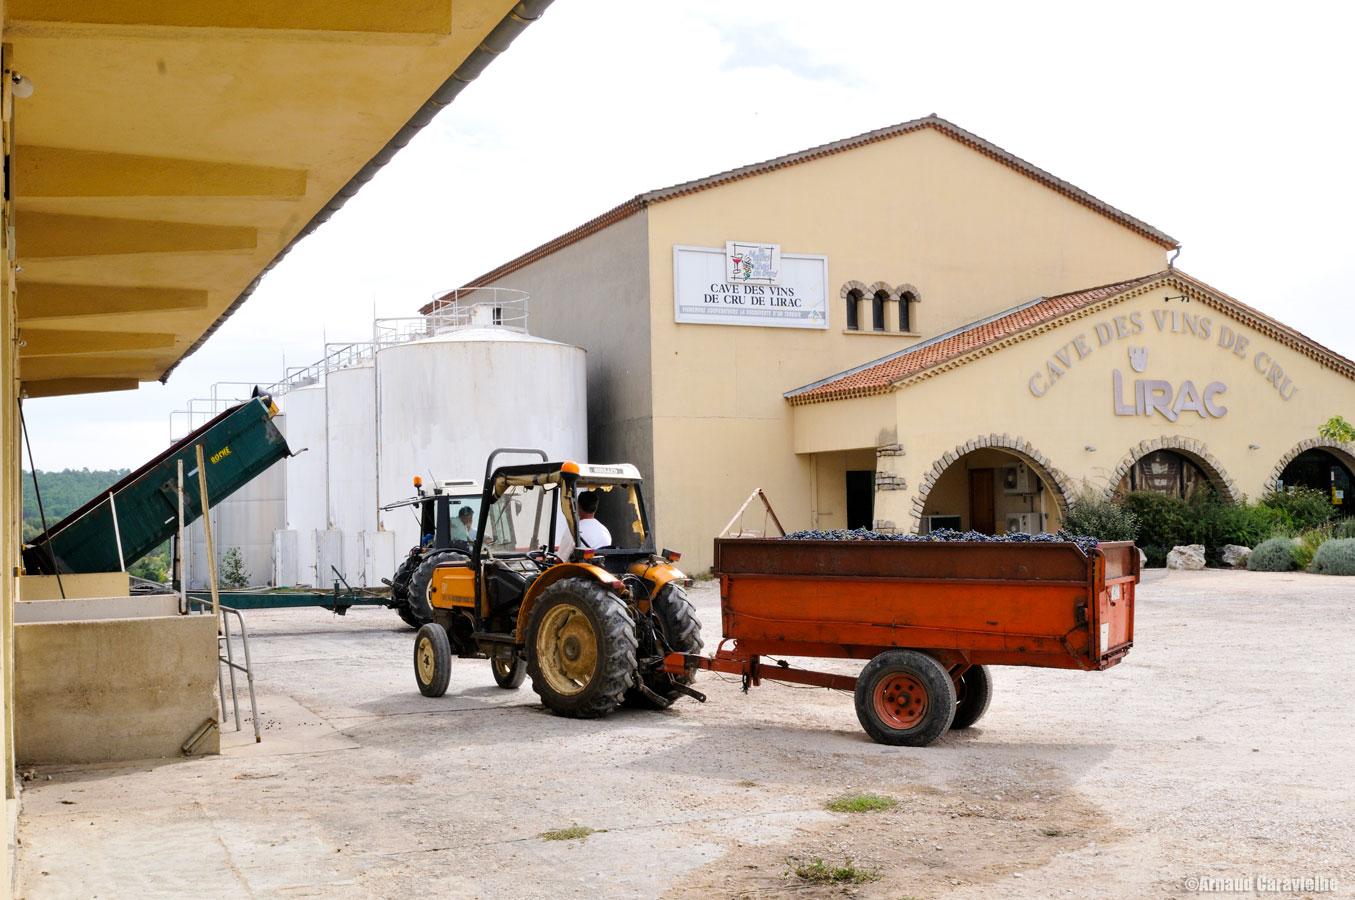 Reportage cave des vins de cru de Lirac